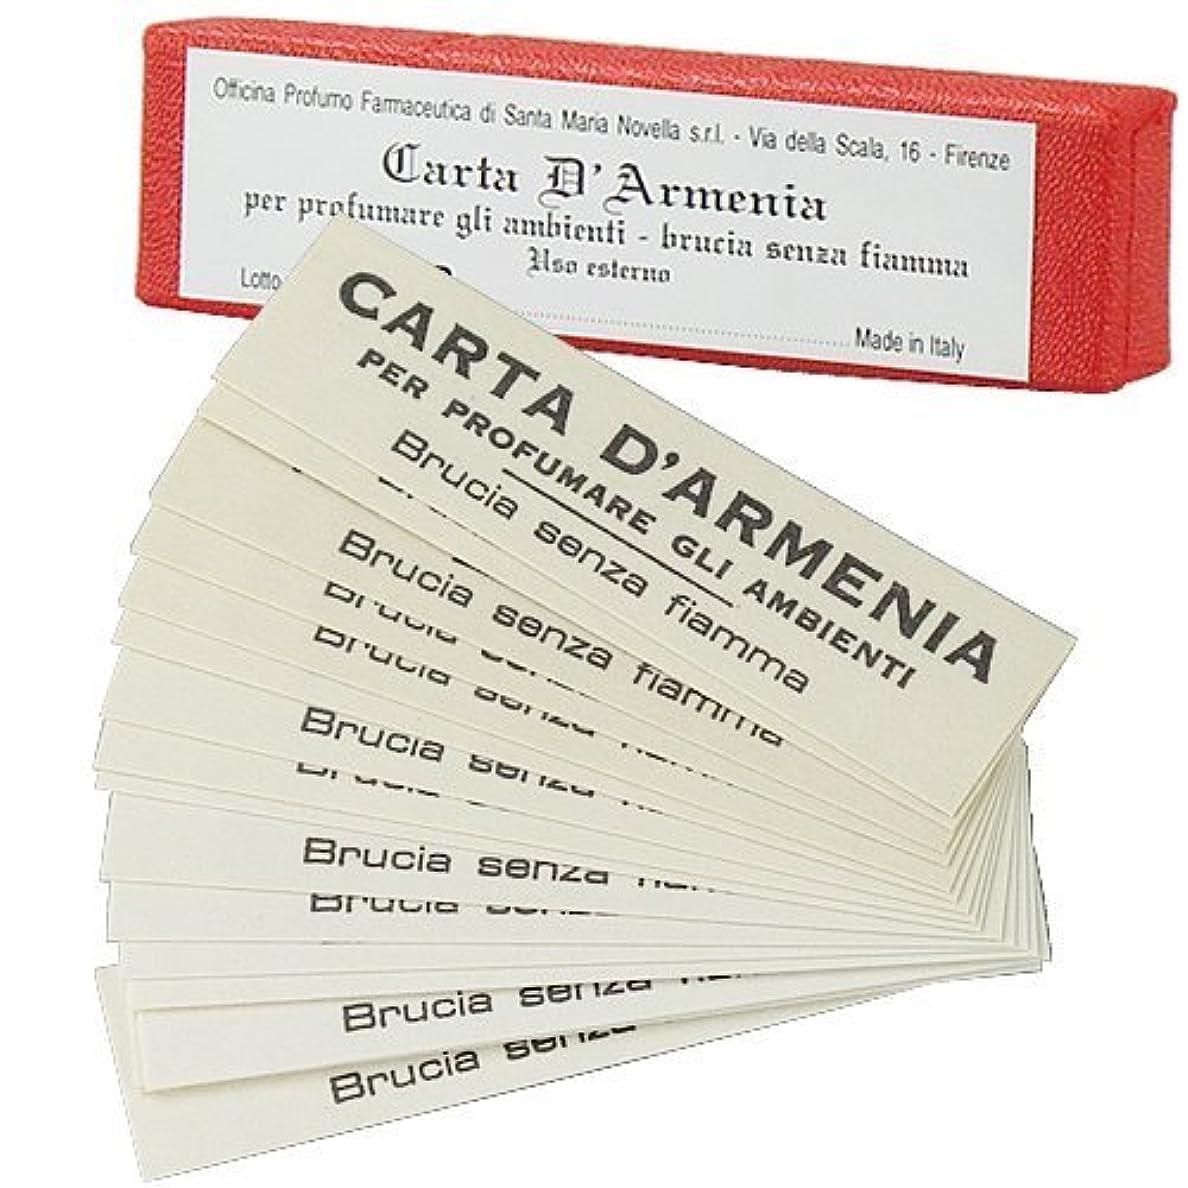 ビバプランタージャンピングジャックサンタマリアノヴェッラ アルメニア紙(お香) [並行輸入品] 18枚入り